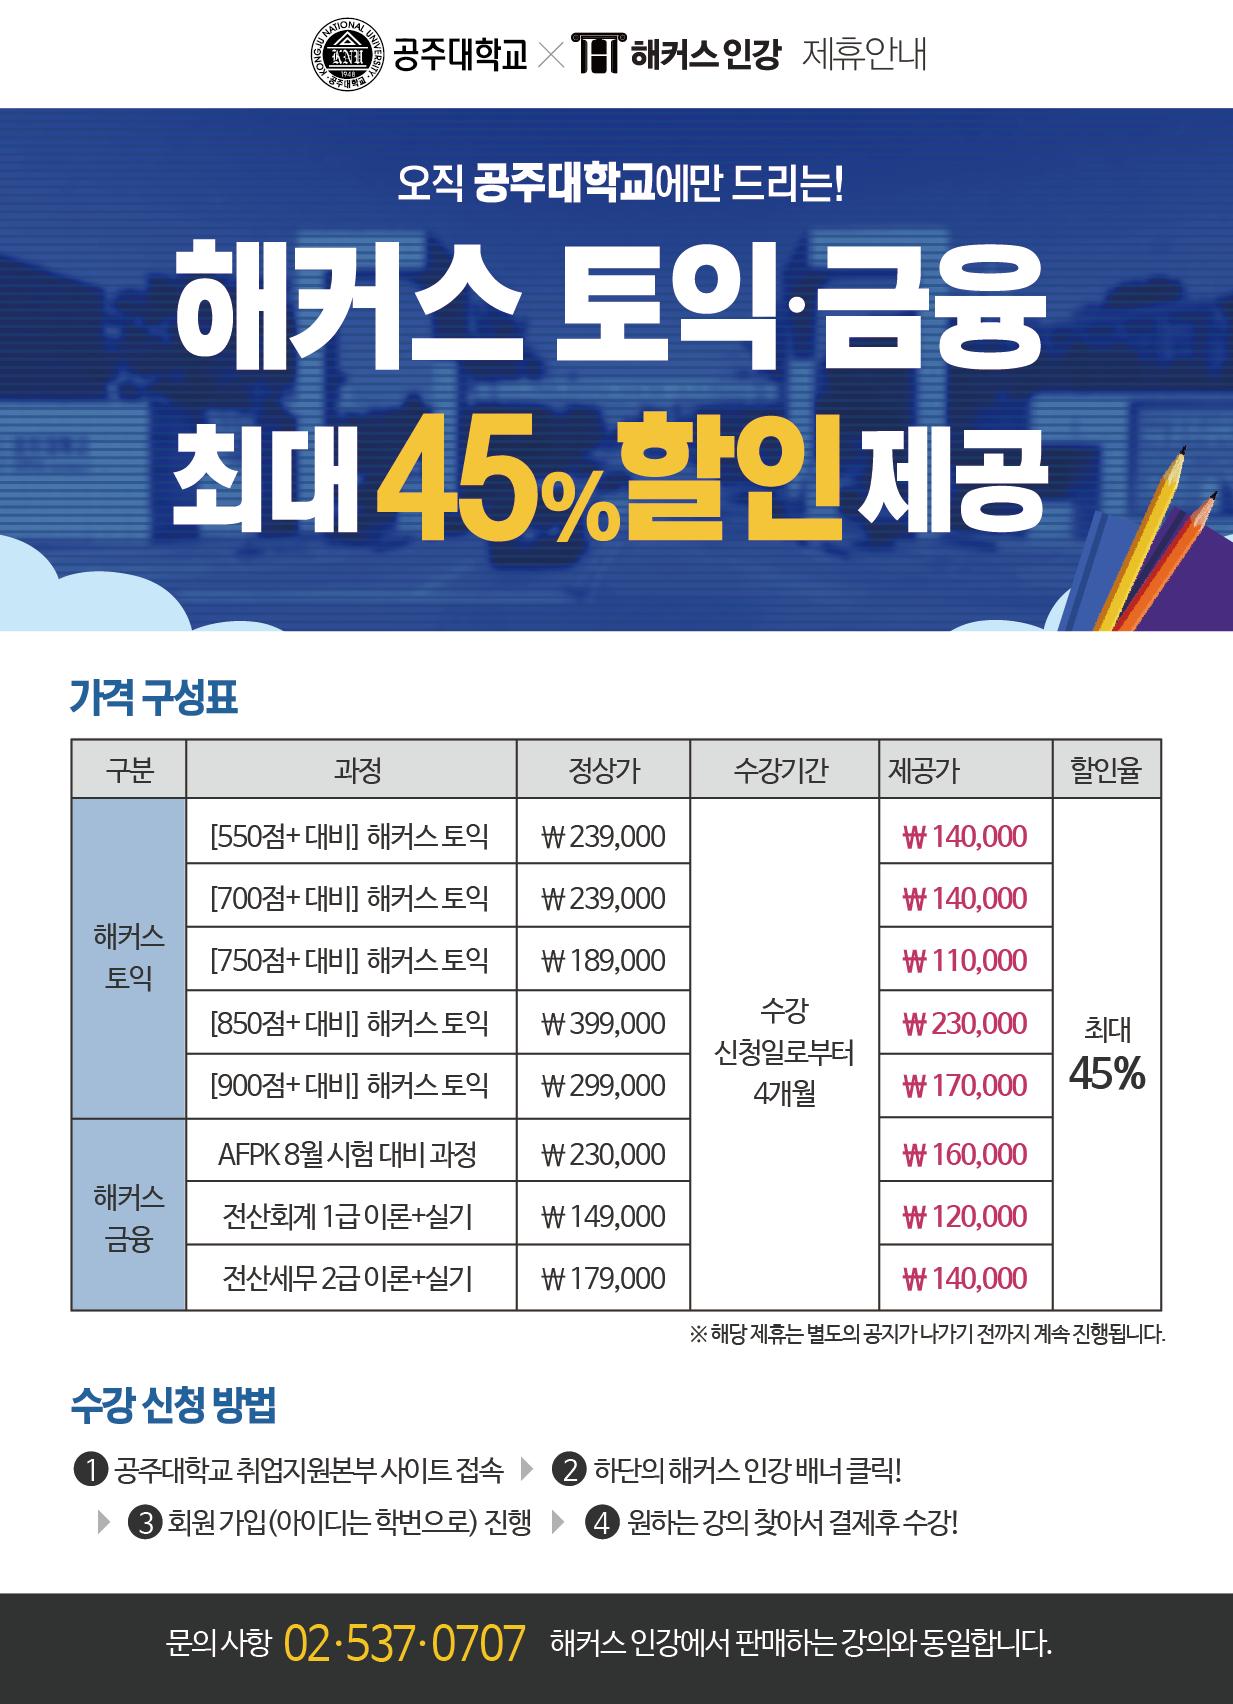 사본 -해커스인강 제휴 안내 홍보물.png